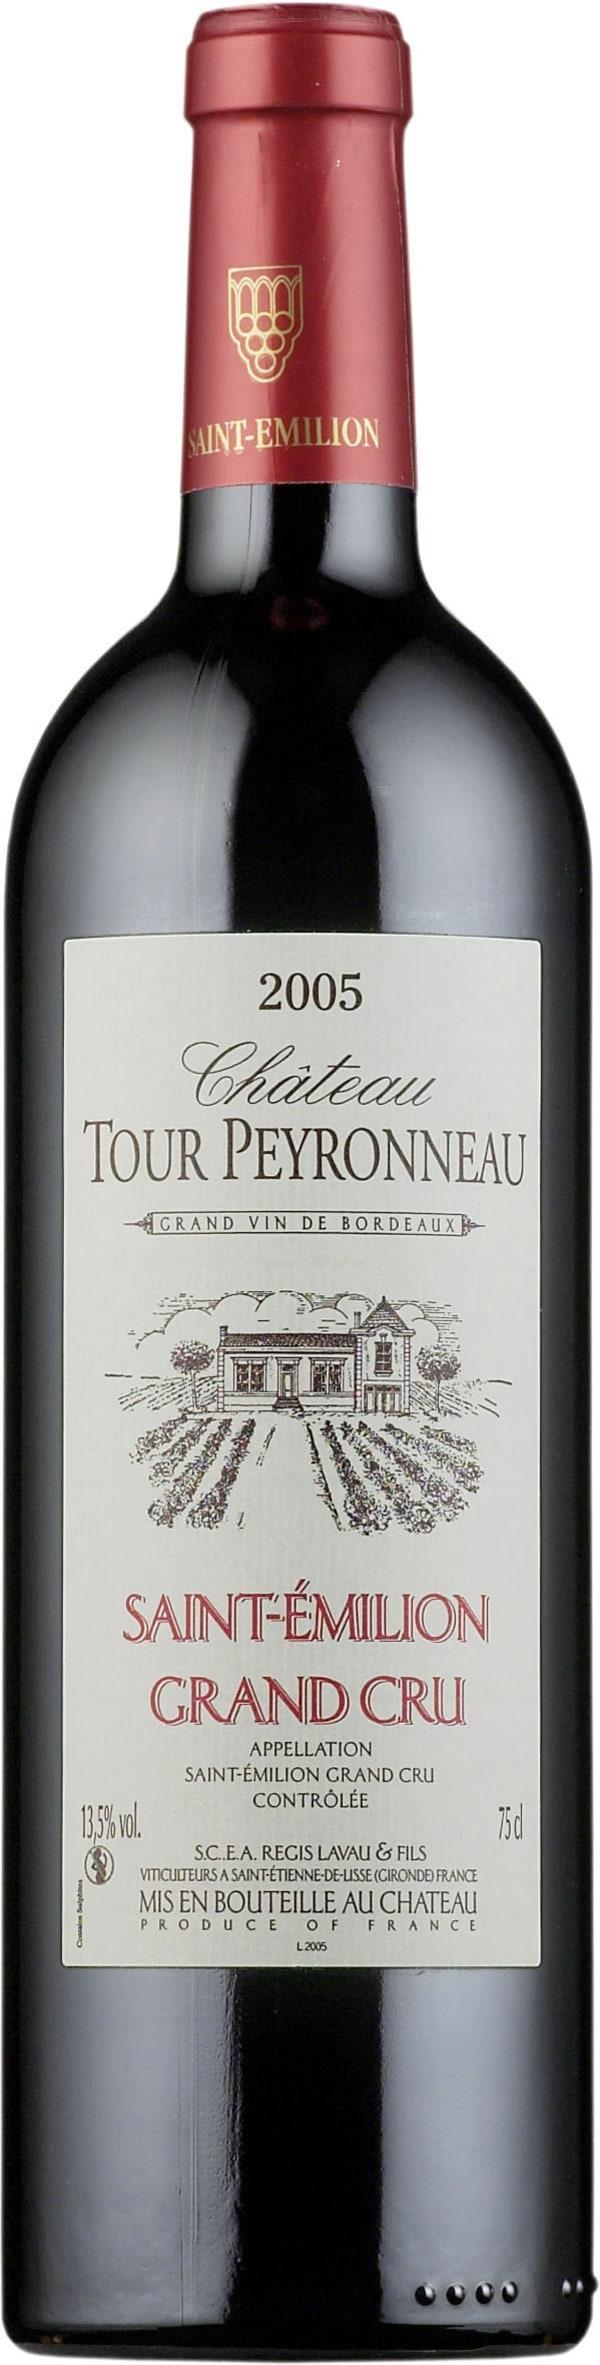 Château Tour Peyronneau 2014